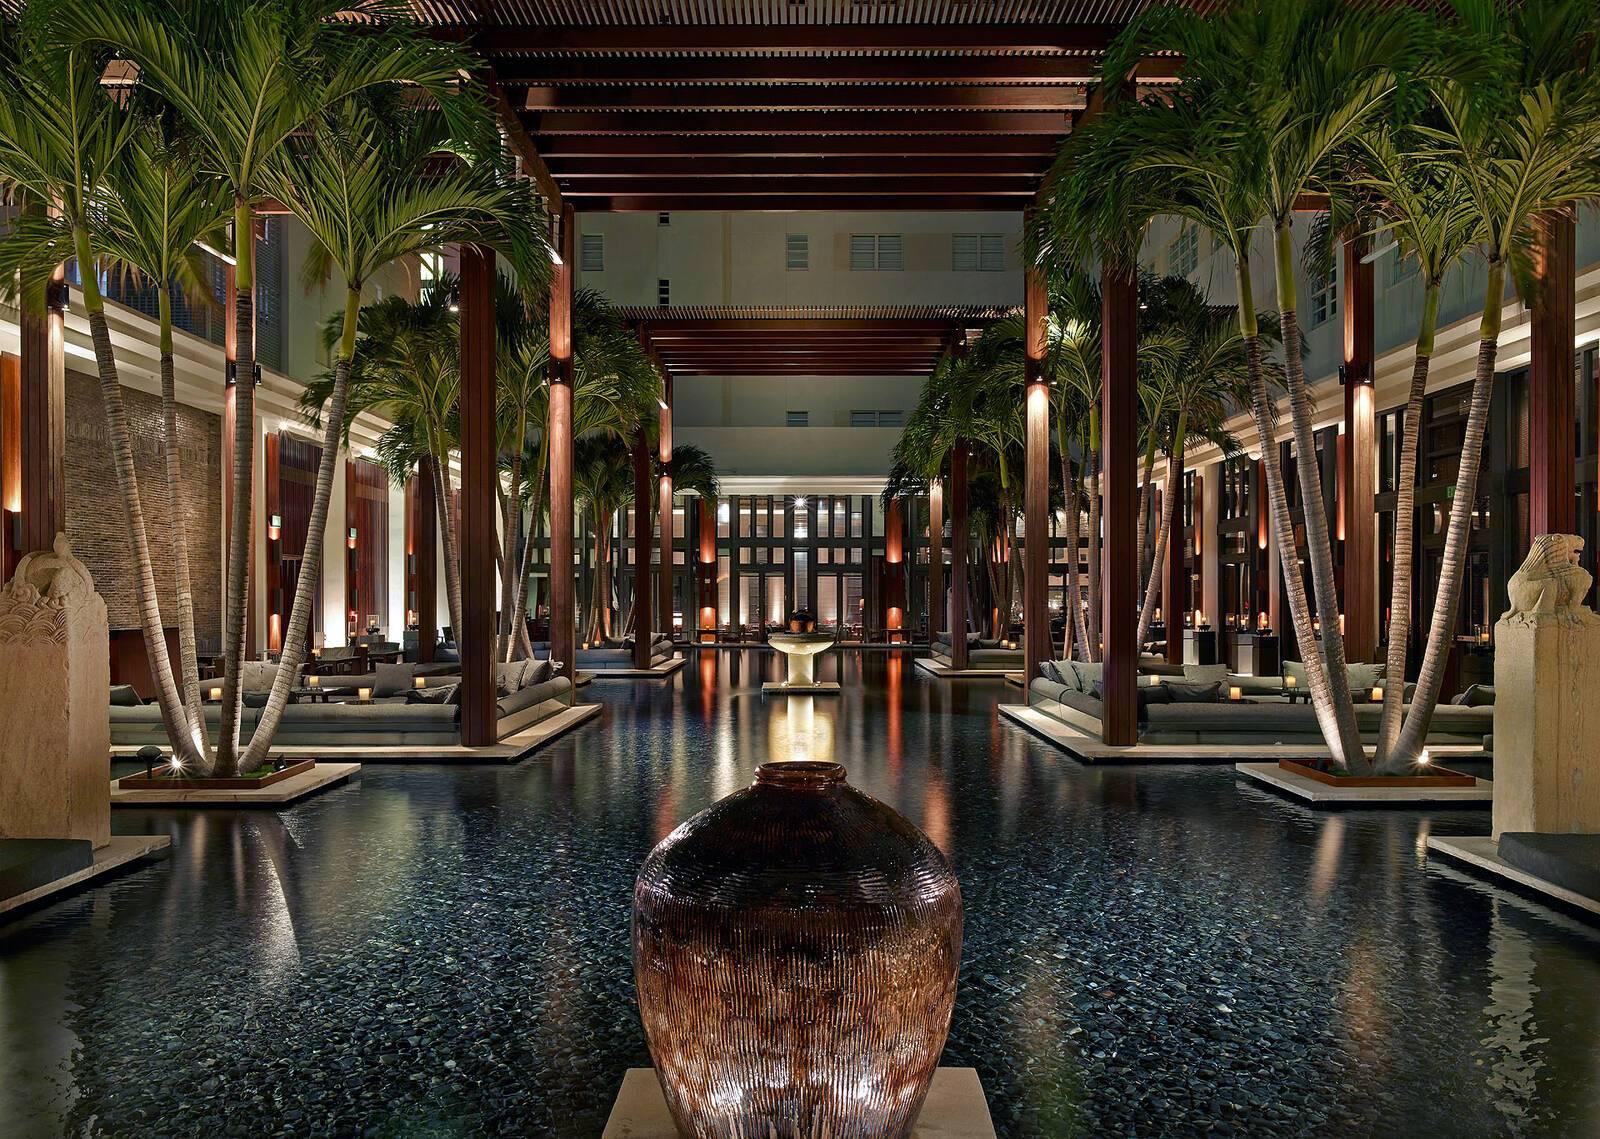 Setai Miami Courtyard